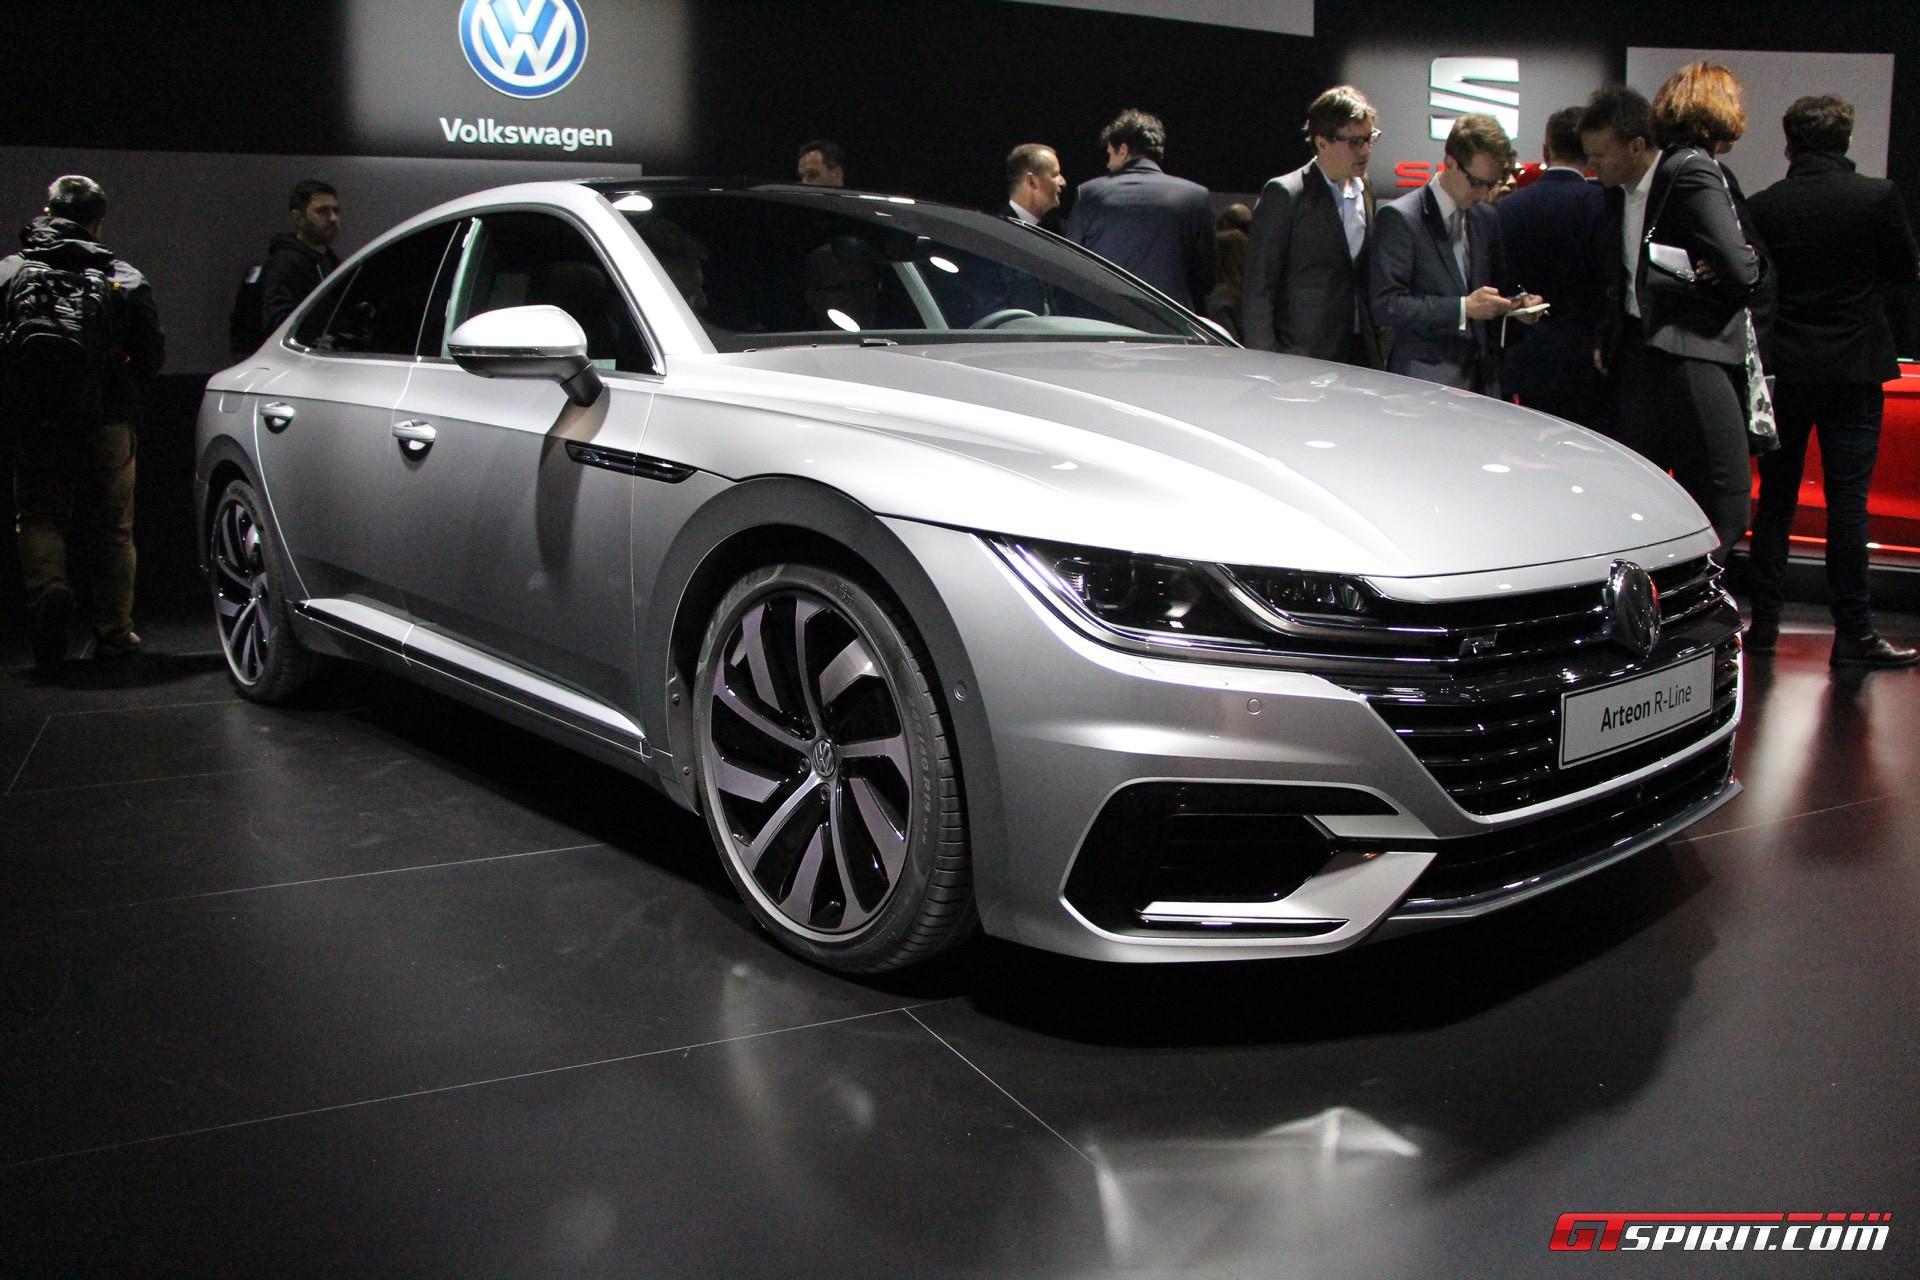 Volkswagen Market Share | 2017, 2018, 2019 Volkswagen Reviews